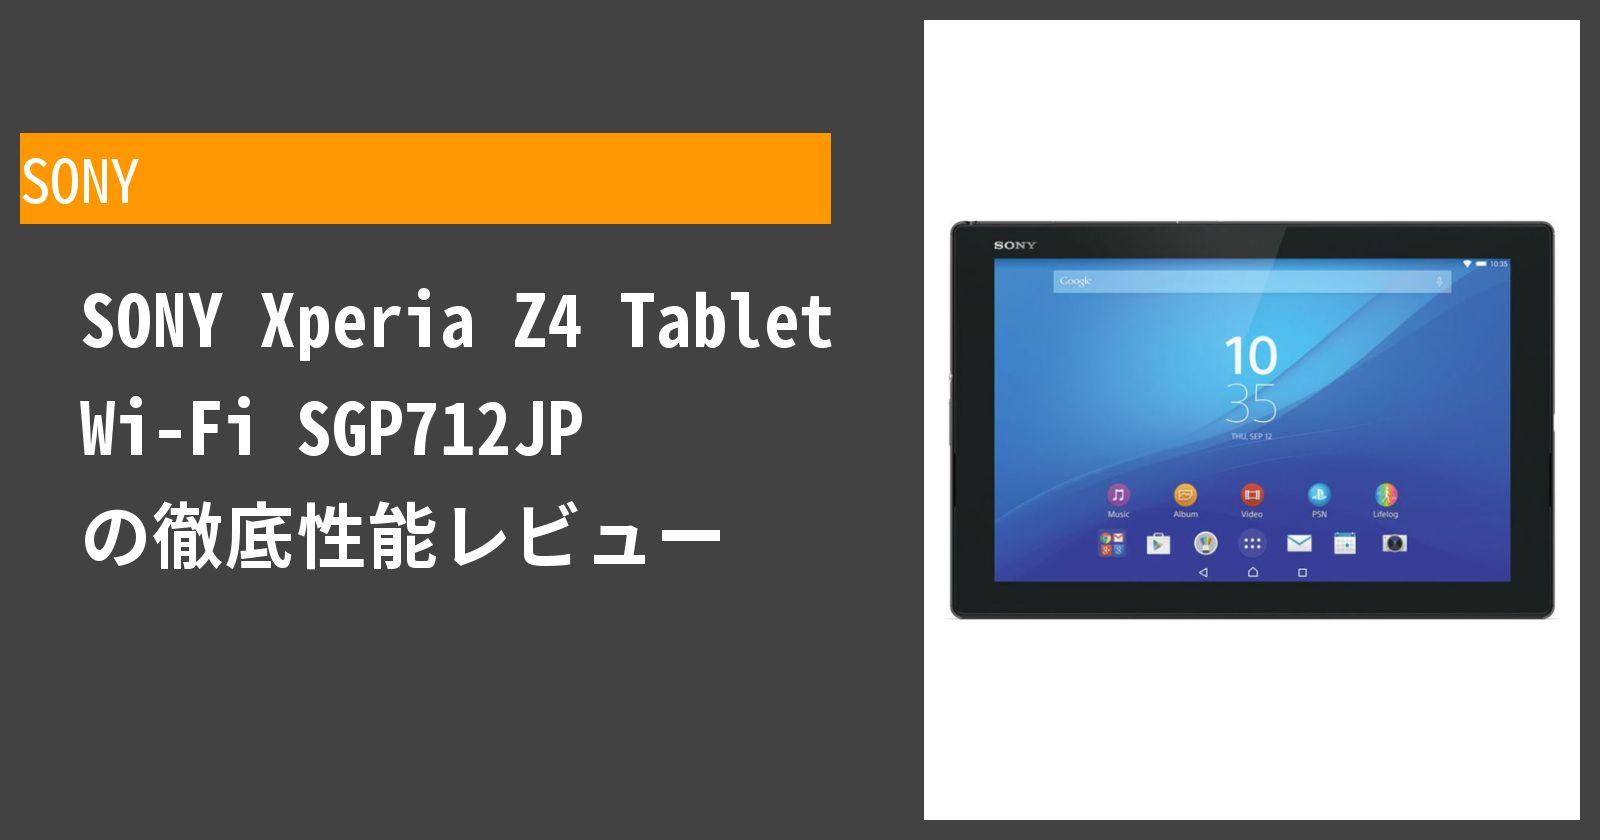 Xperia Z4 Tablet Wi-Fi SGP712JP の徹底性能レビュー